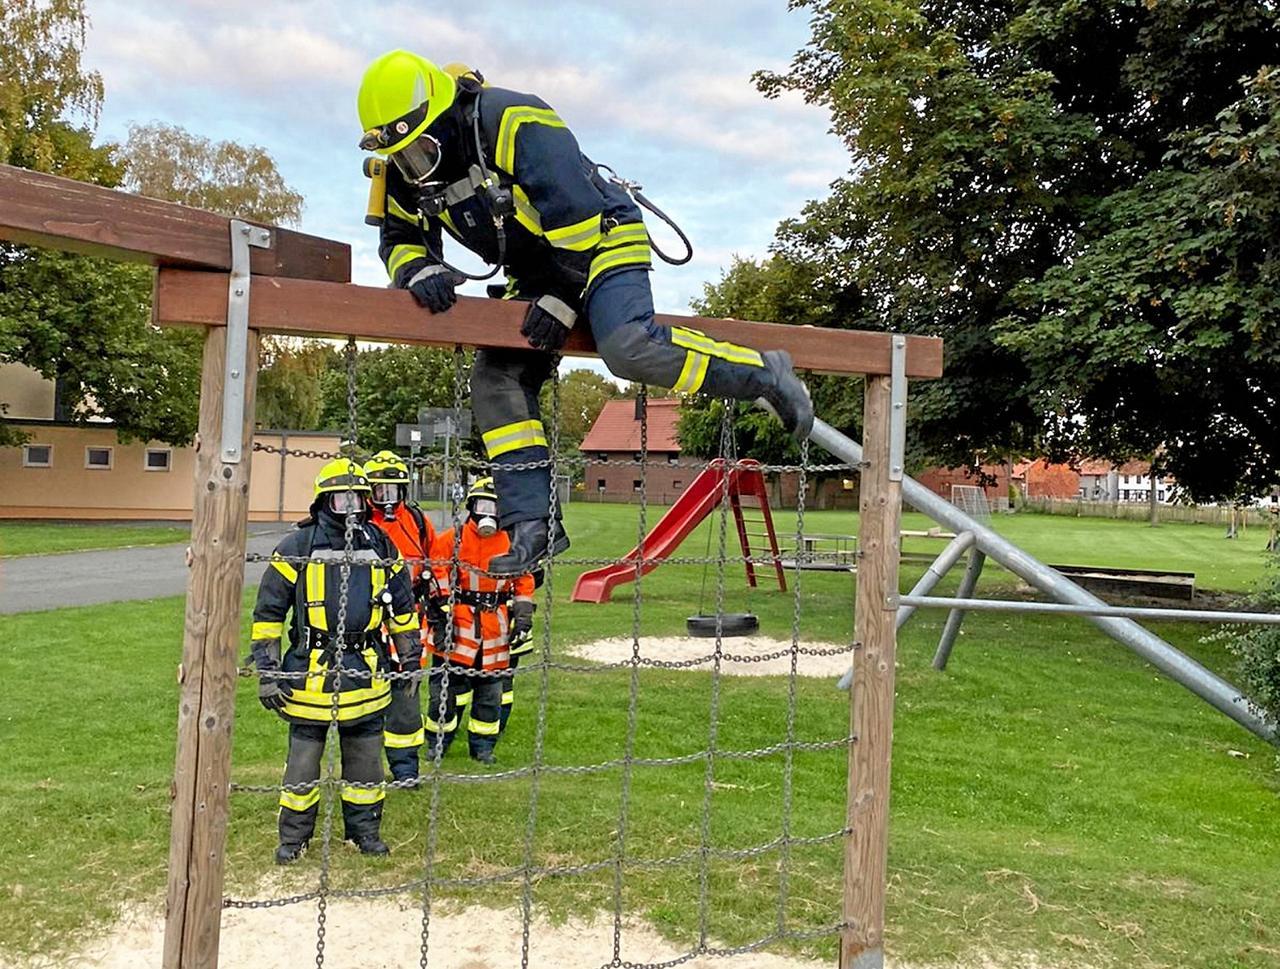 Feuerwehr trainiert auf Spielplatz